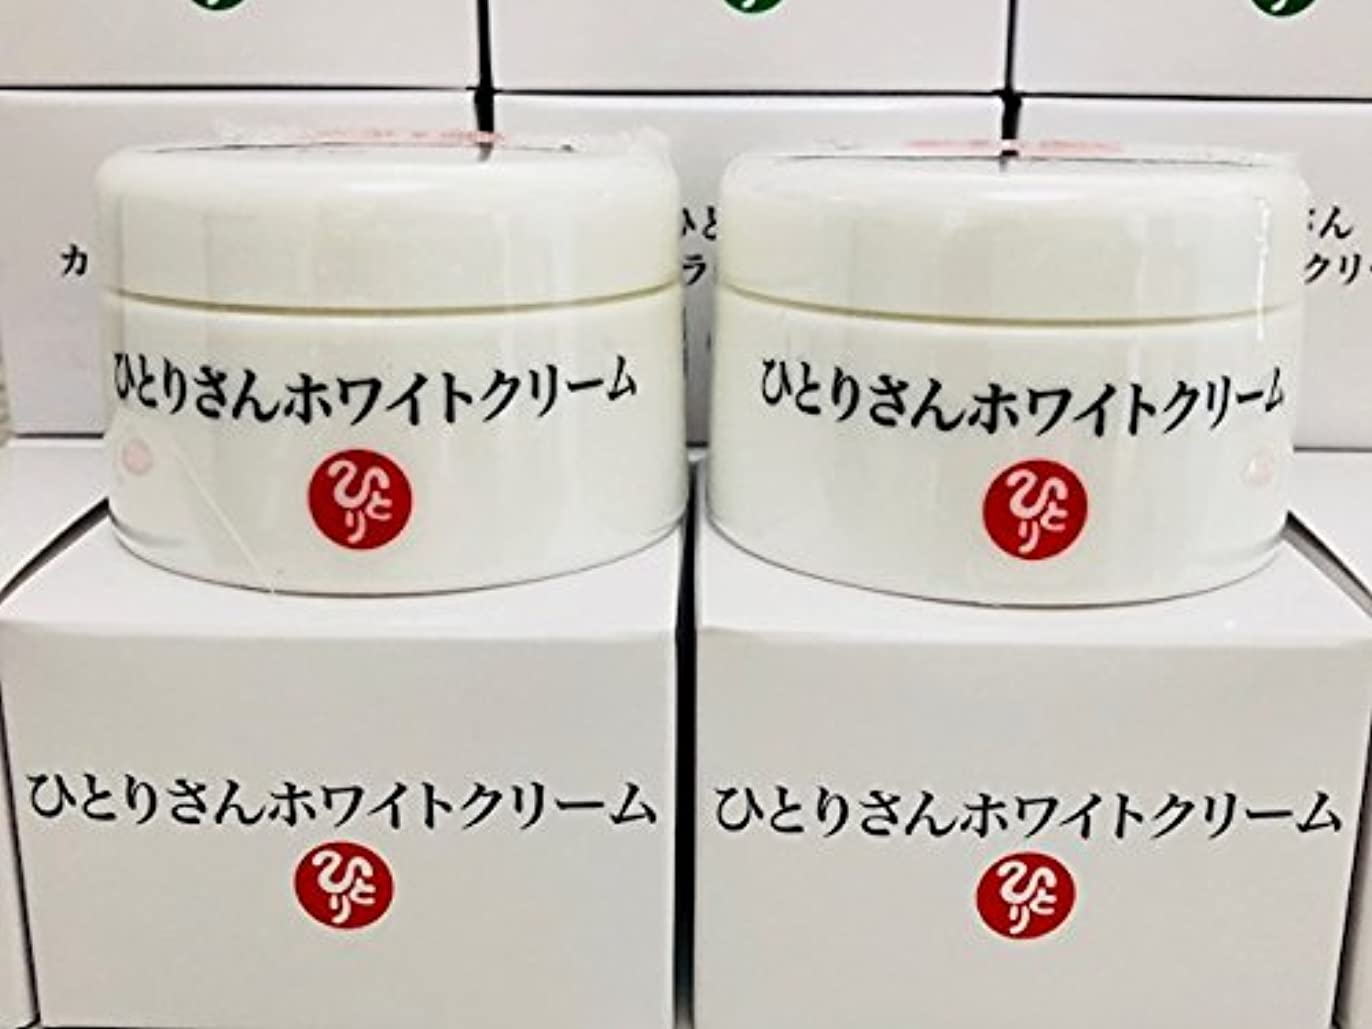 要件フォーマット神聖銀座まるかん ひとりさんホワイトクリーム 2個セット 【只今 ひとりさんの詩 ポストカードプレゼント中で~す】